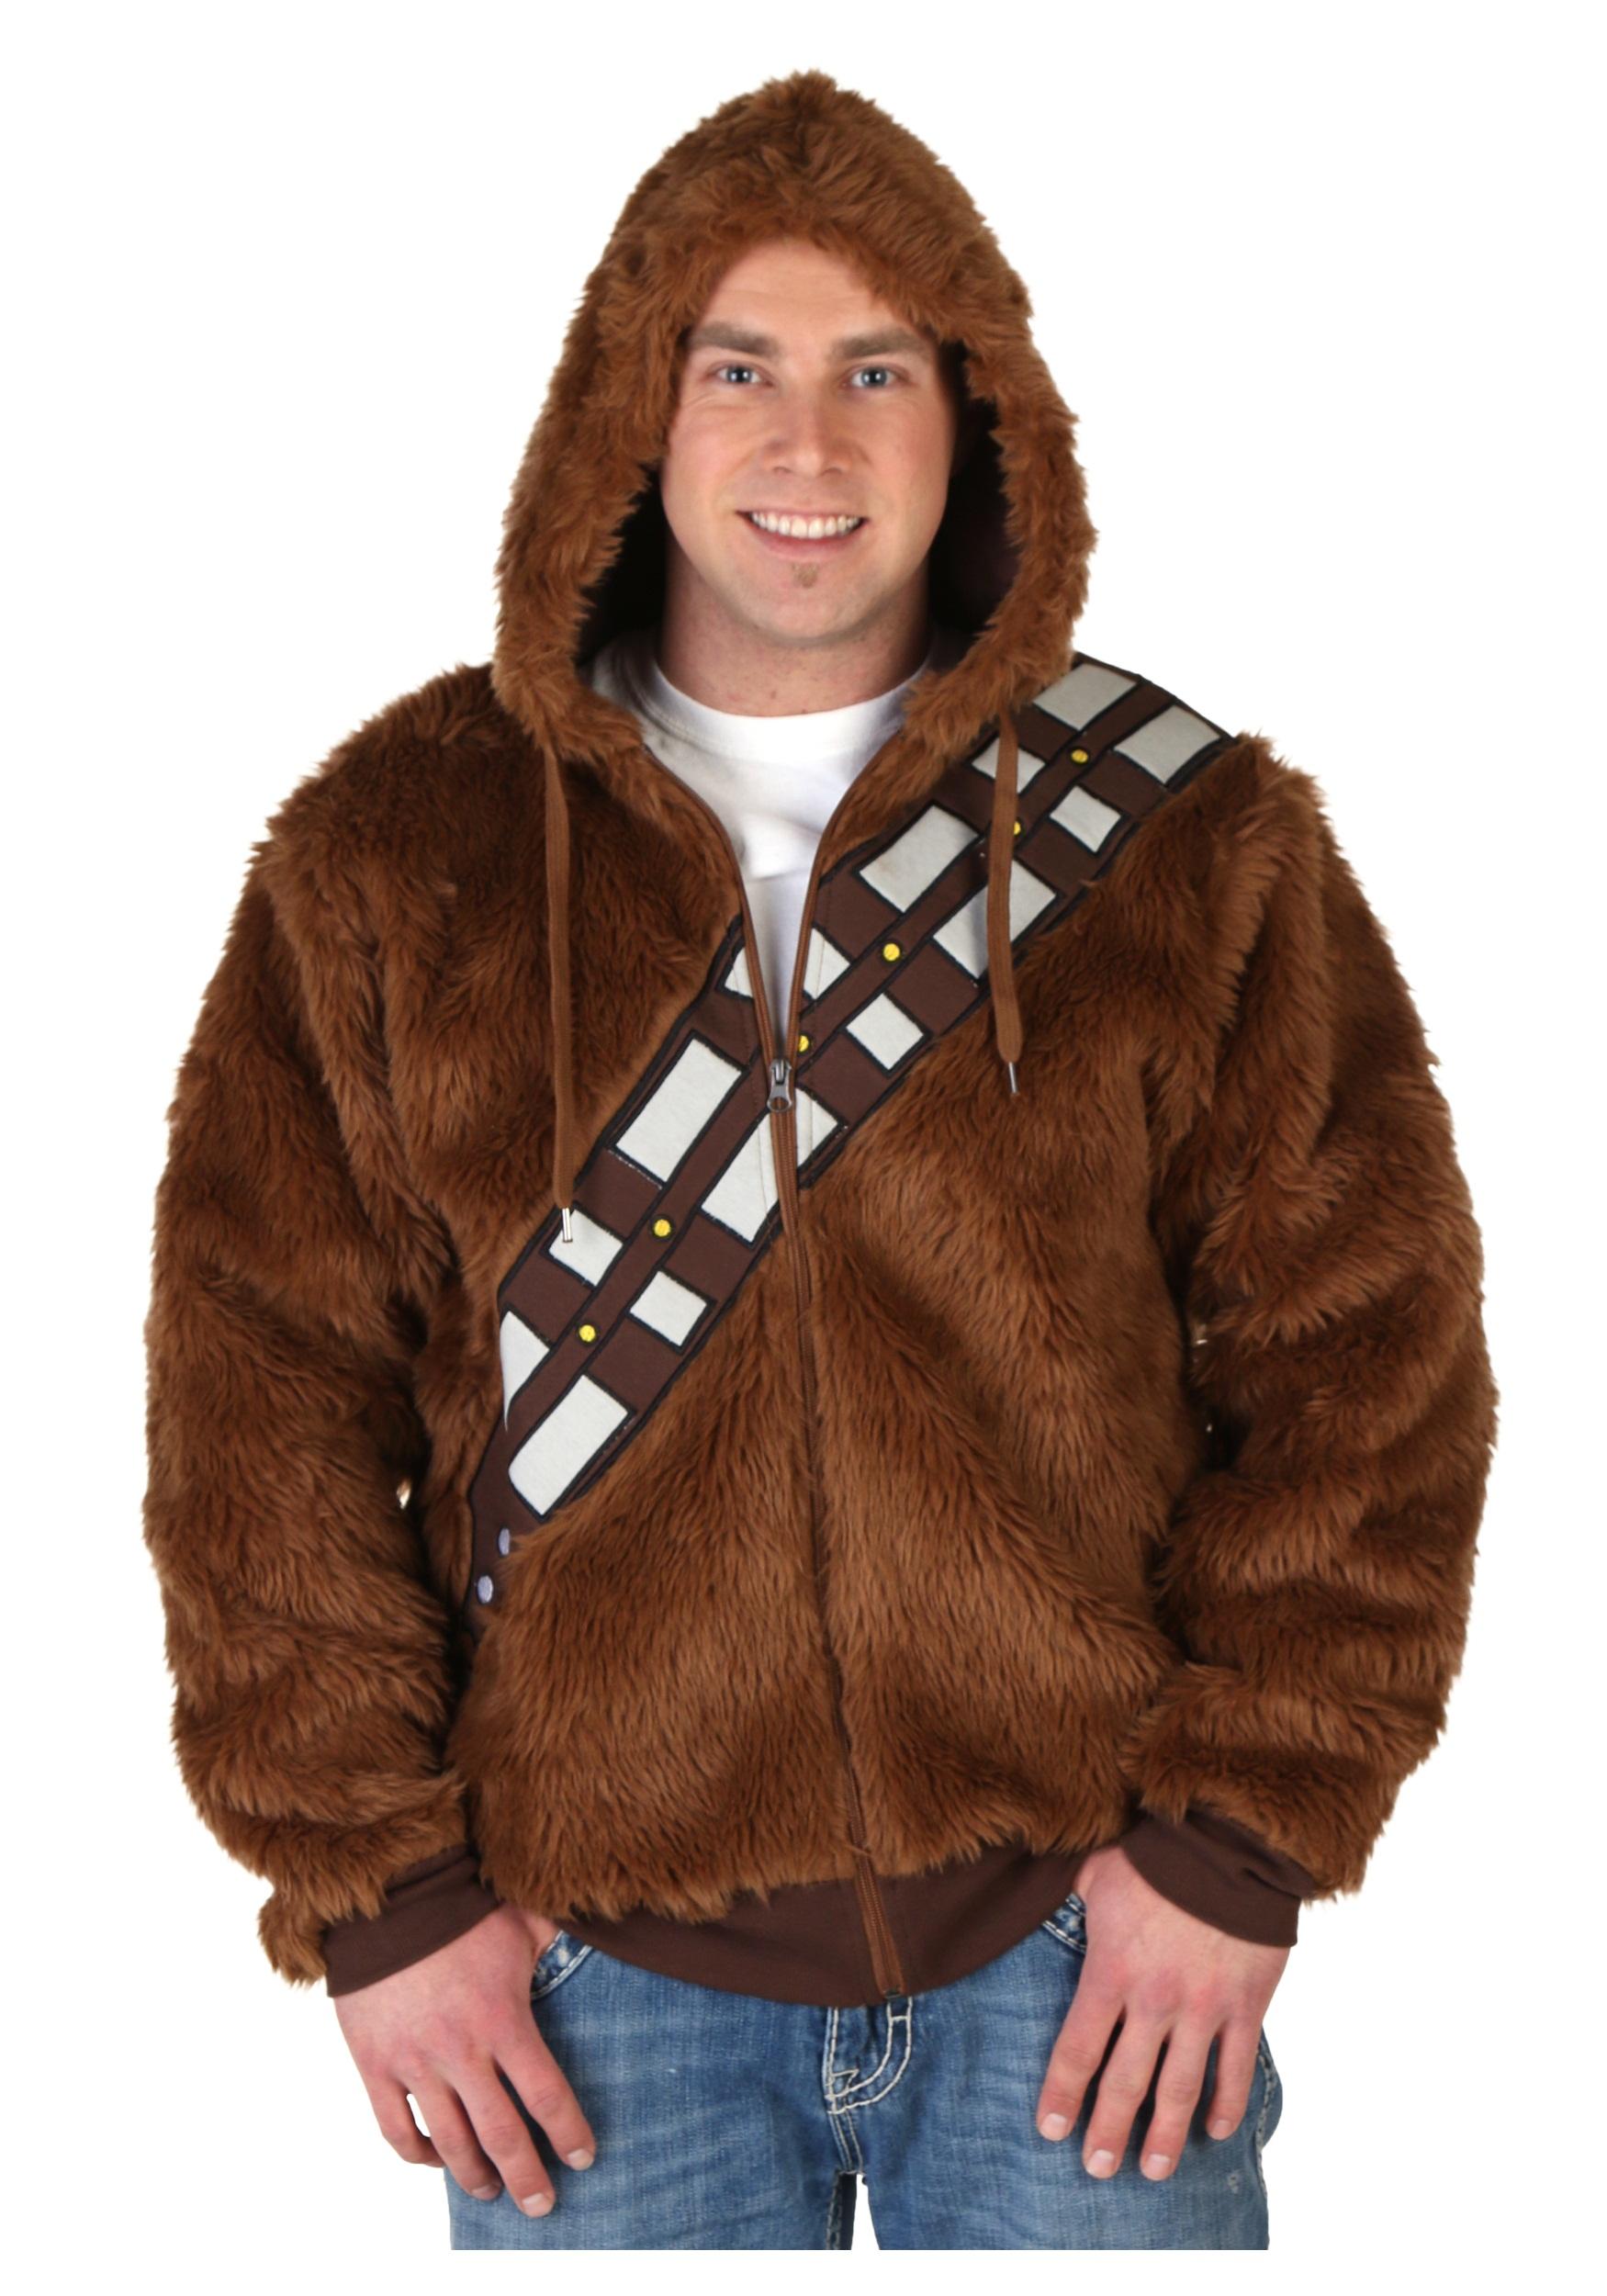 Chewbacca Womens Costume Star Wars Chewbacca Tunic Top